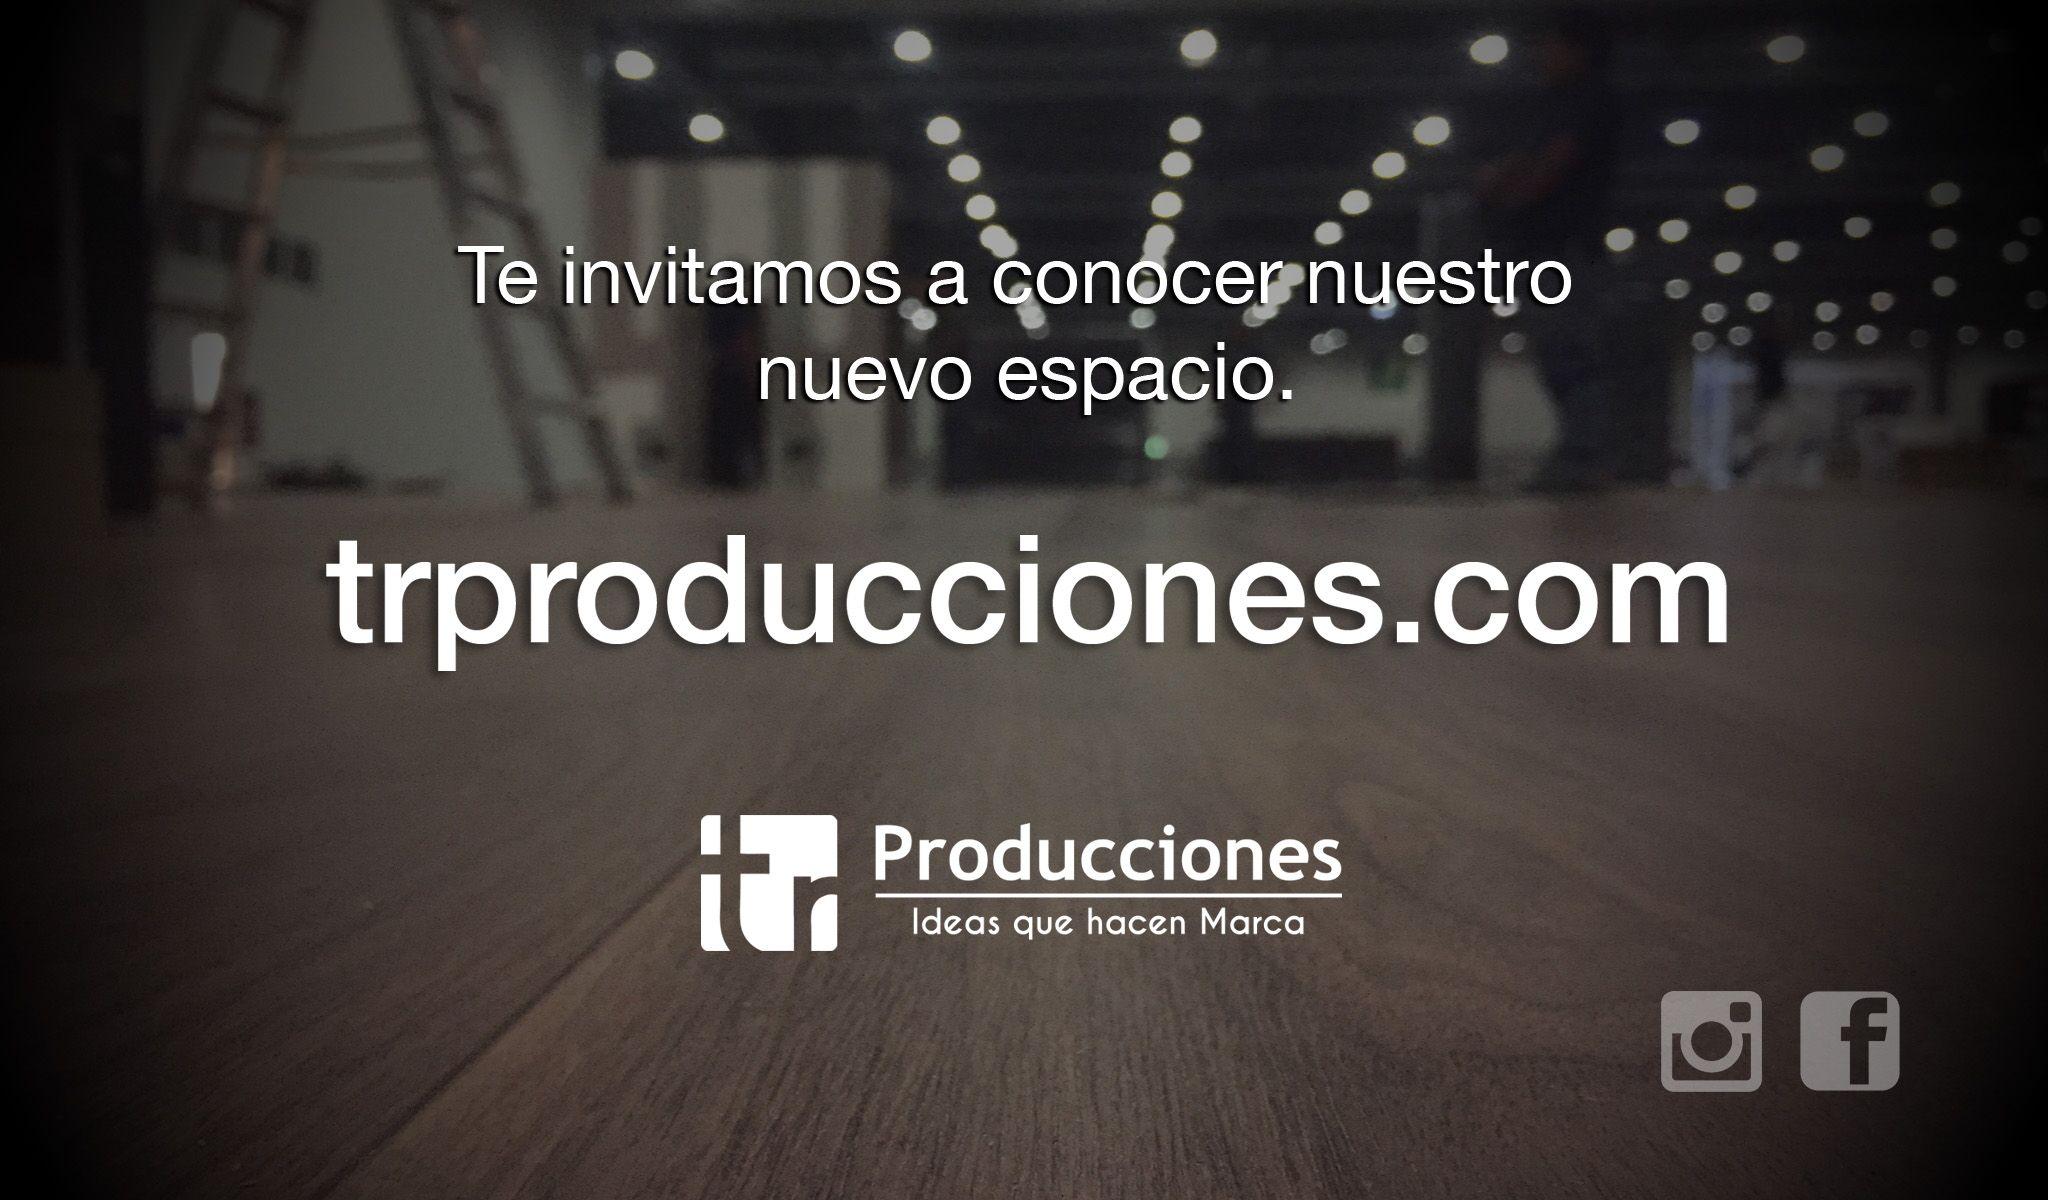 TR Producciones